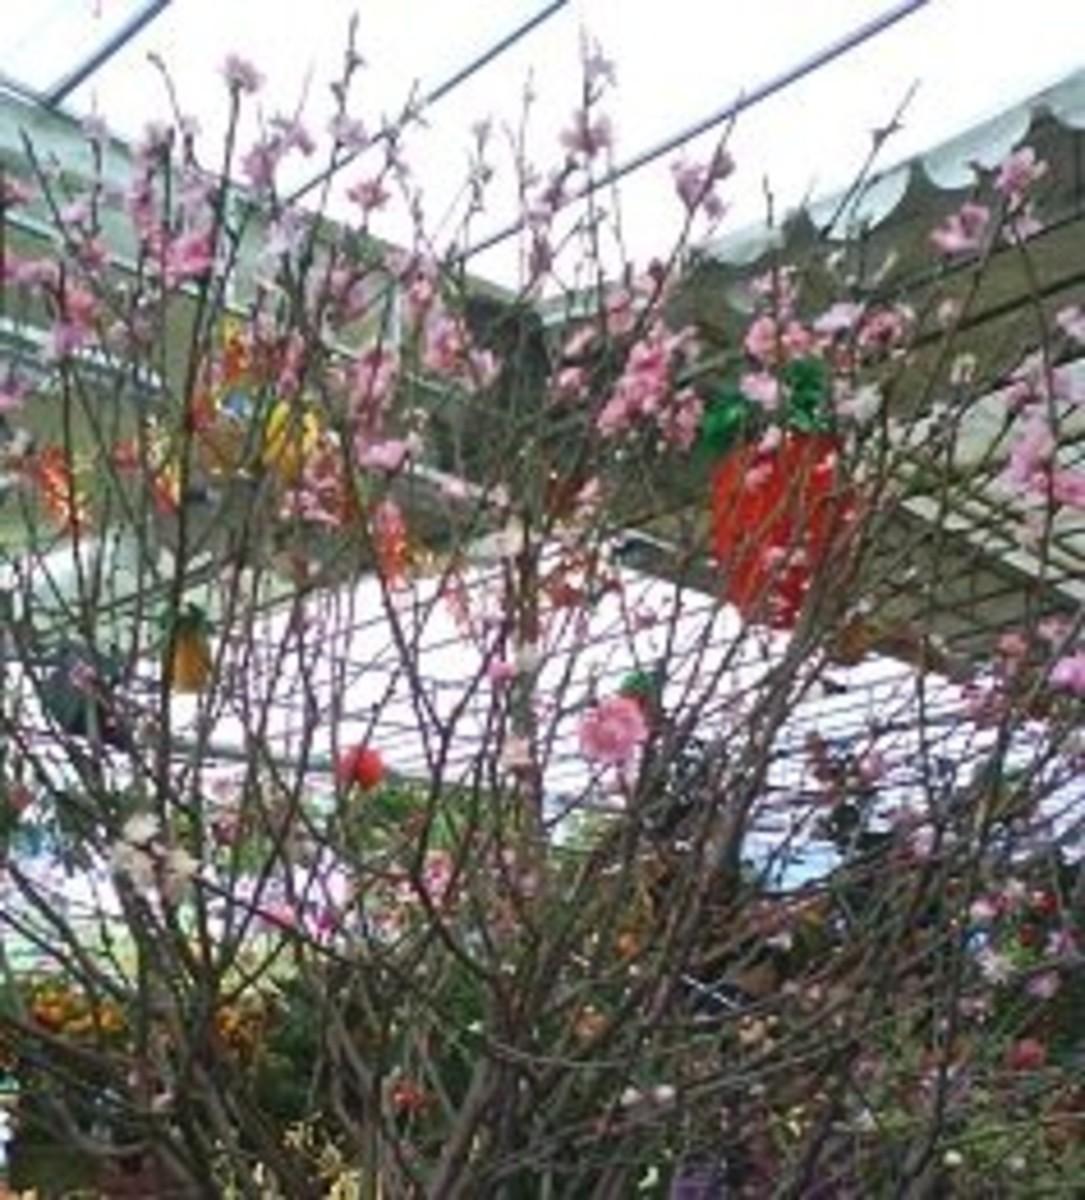 Peach blossom or Tao Hua